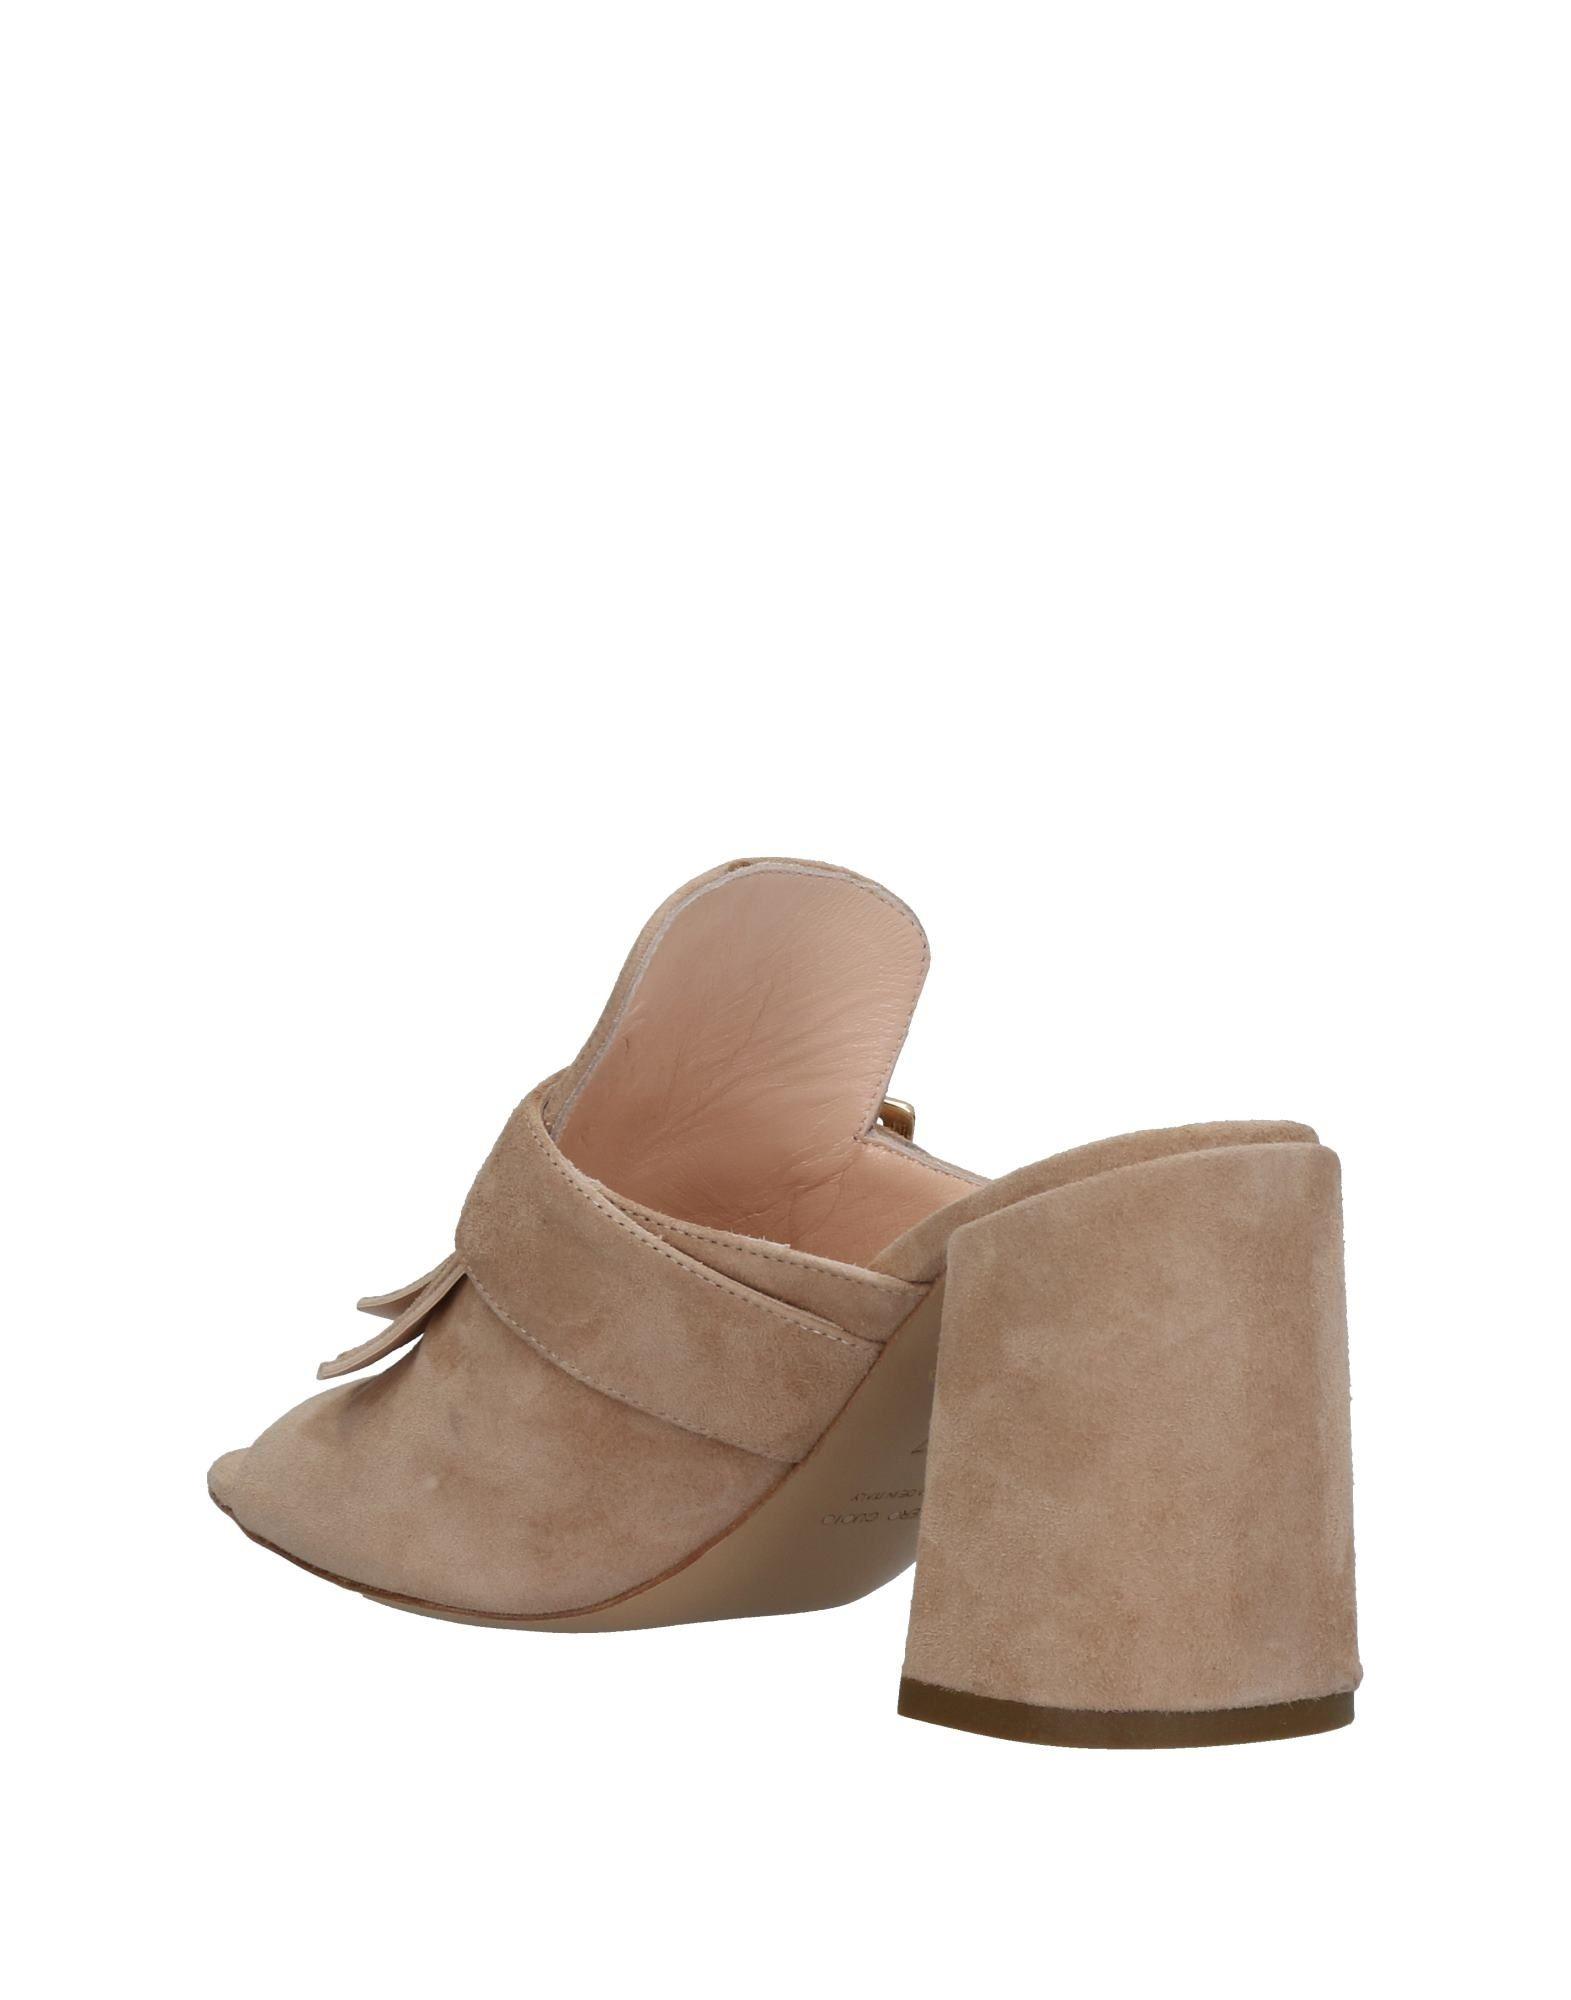 prezioso sandales - femmes prezioso sandales en en en ligne sur canada 78ff5d